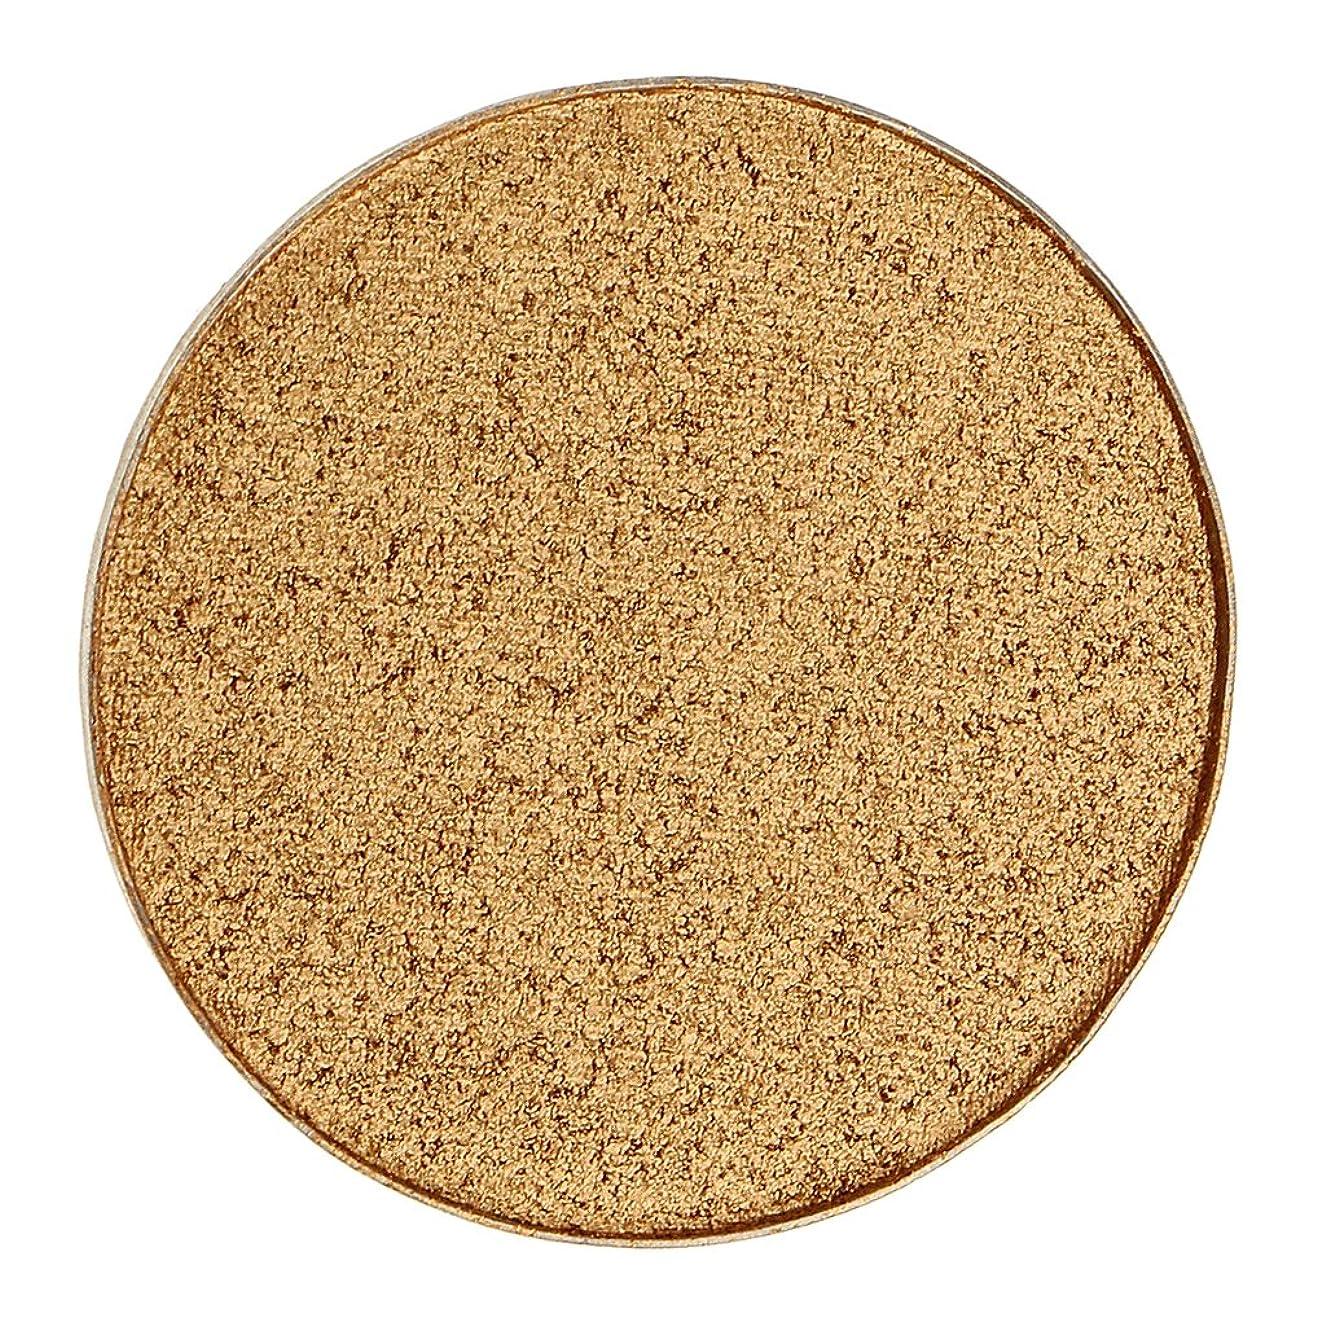 規定耐えられないきつくPerfk 化粧品用 アイシャドウ ハイライター パレット マット シマー アイシャドーメイク 美しい色合い 全5色 - #28ゴールド